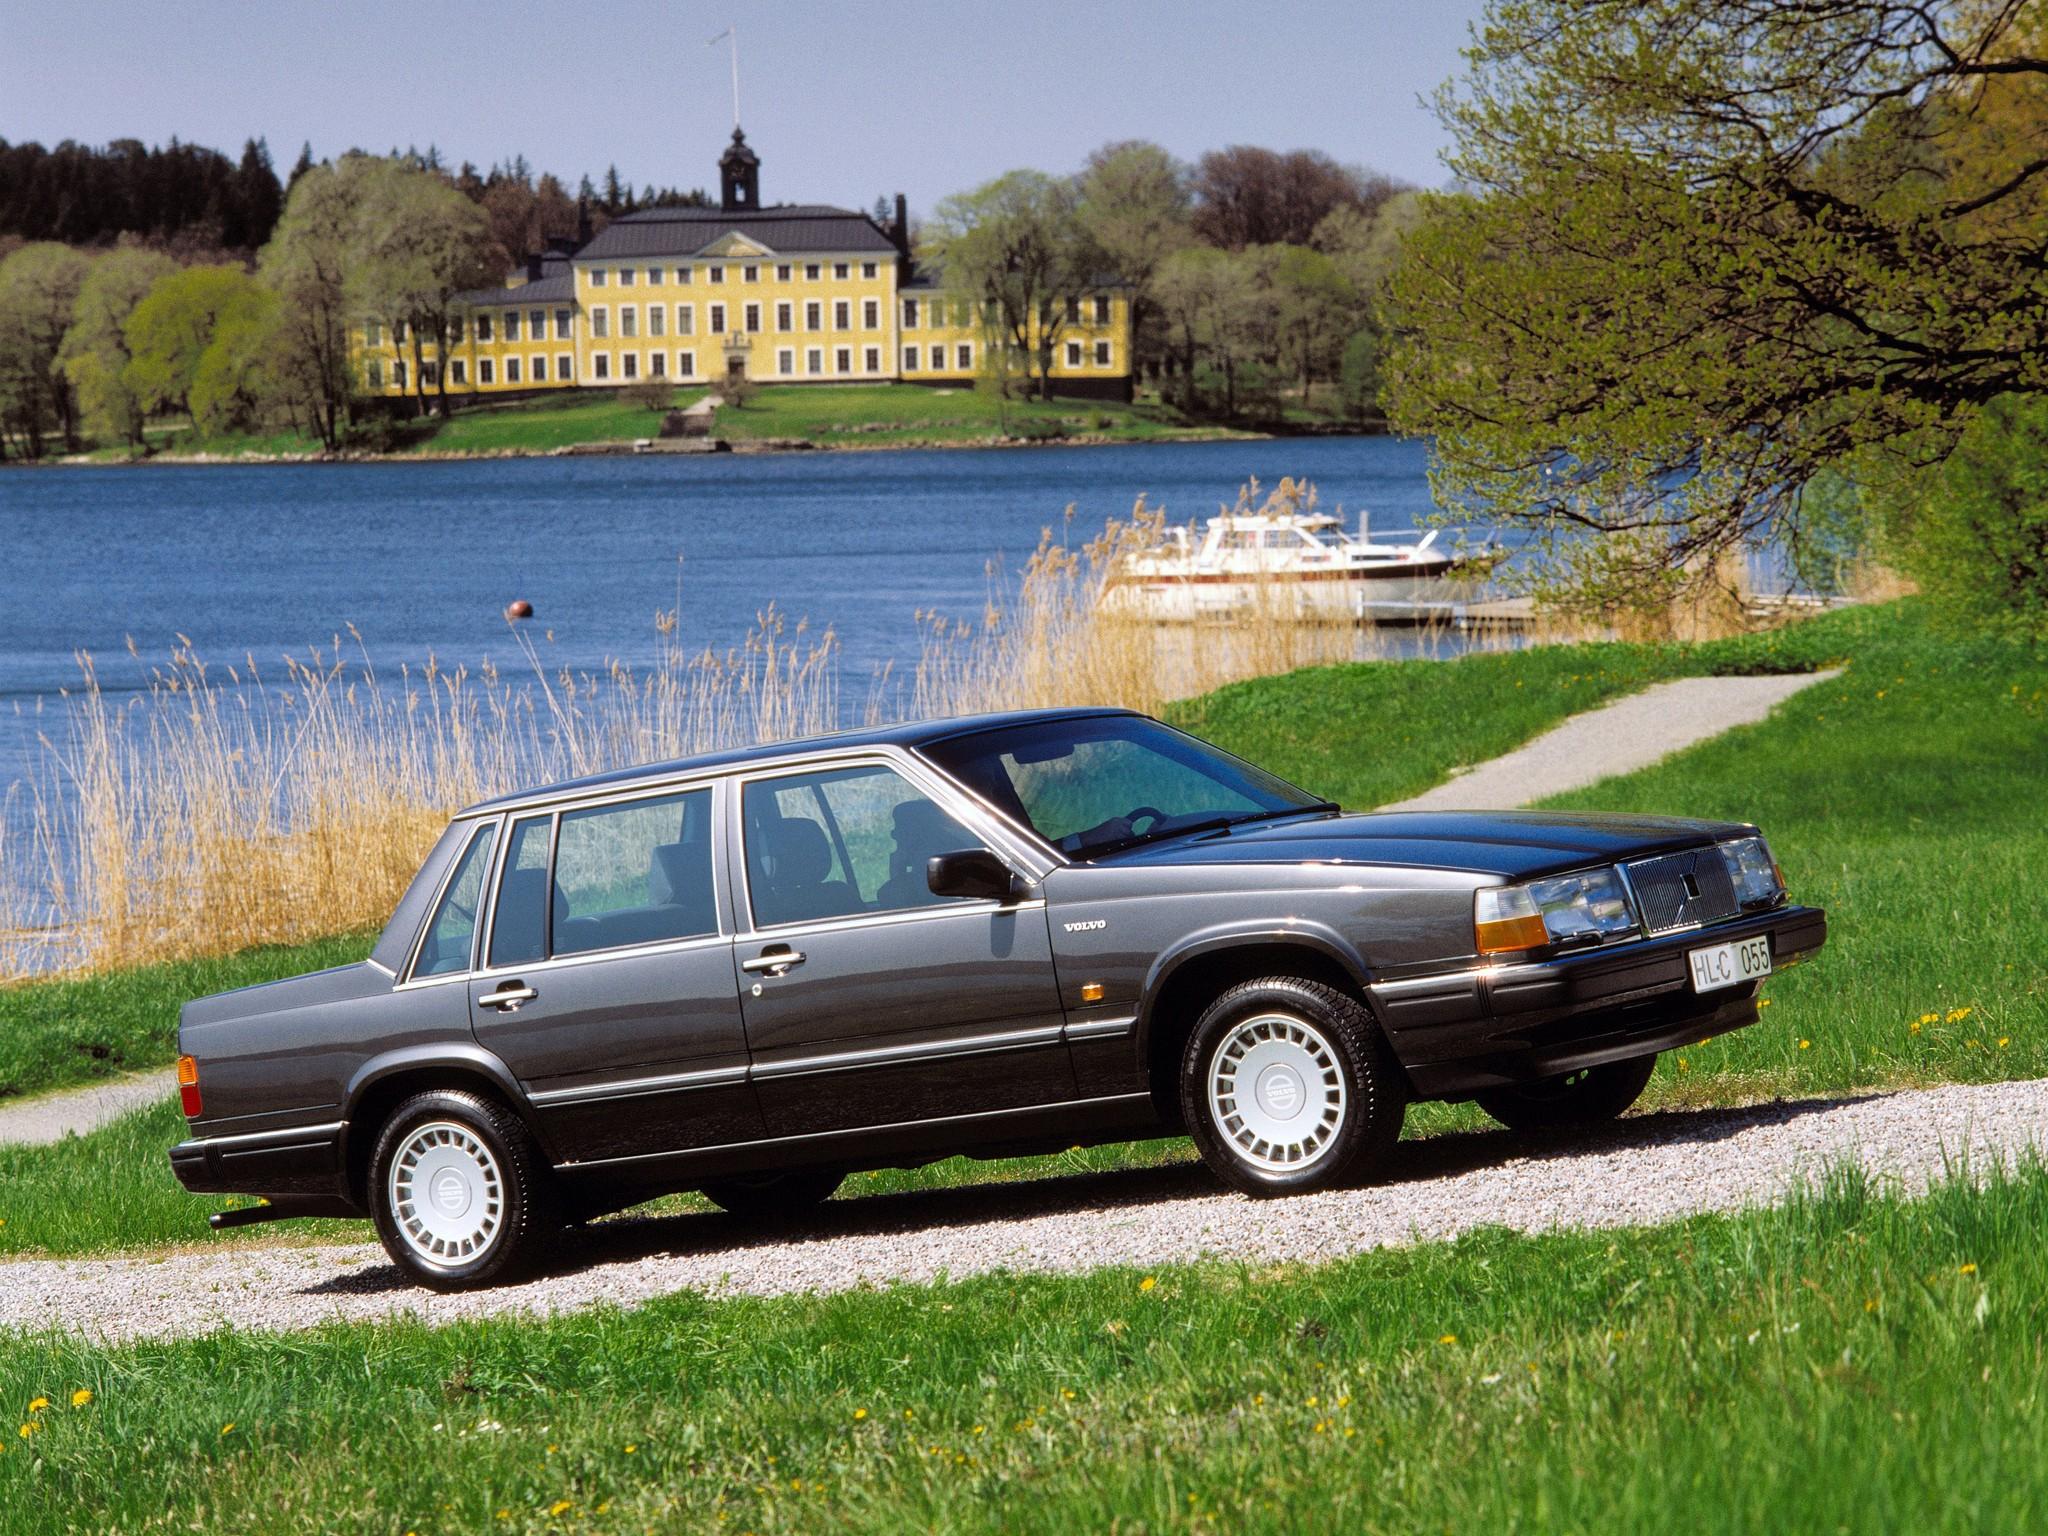 VOLVO 760 specs & photos - 1982, 1983, 1984, 1985, 1986, 1987, 1988, 1989, 1990 - autoevolution